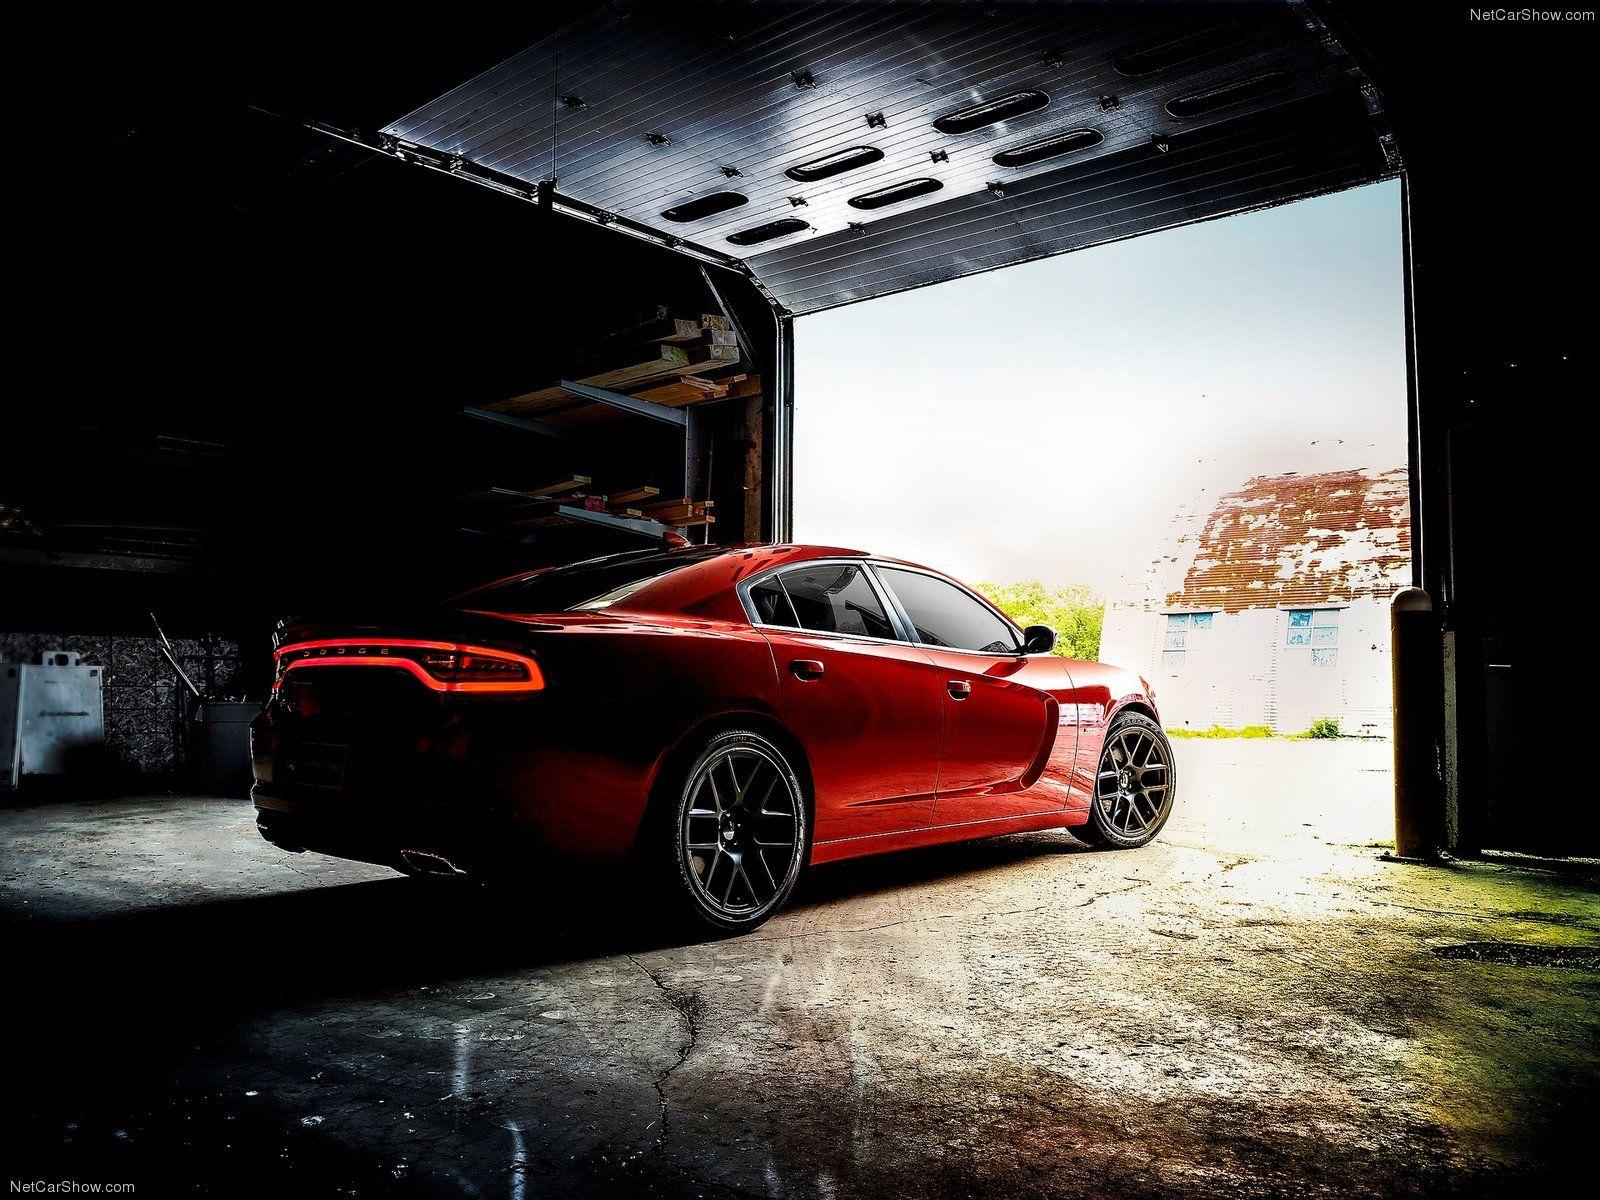 Imagem sensacional do novo Dodge Charger. (Fonte: Netcarshow)